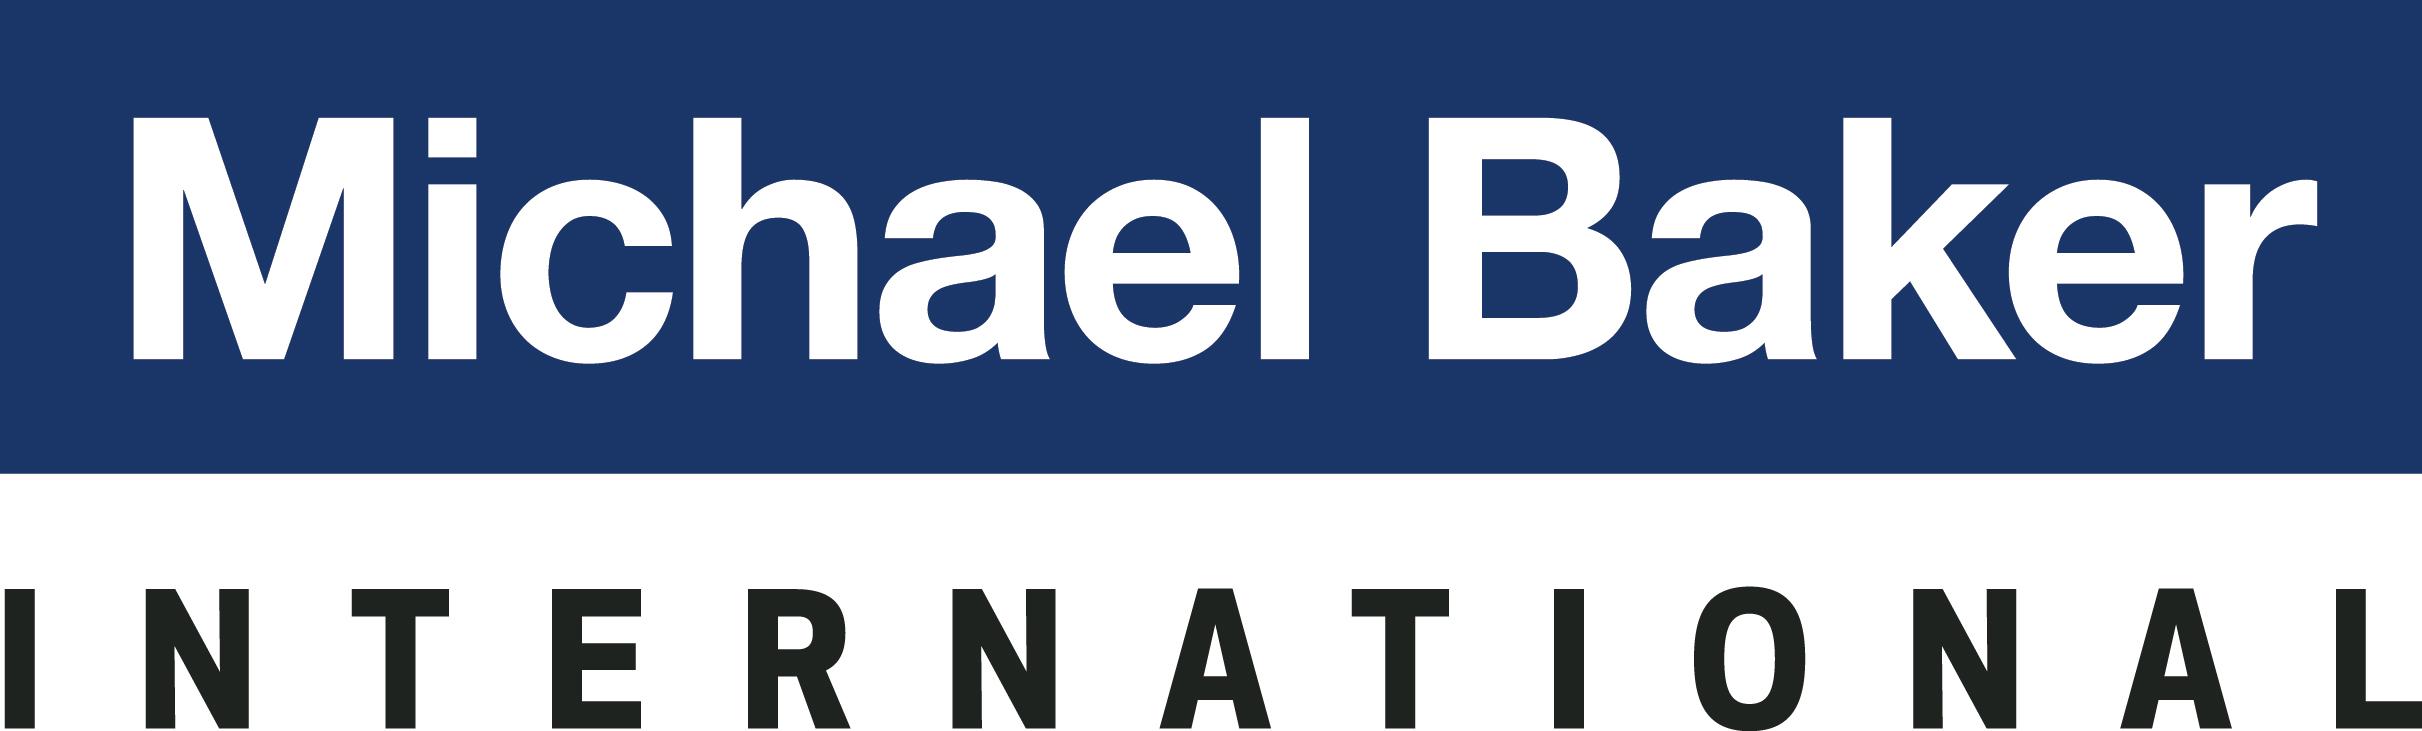 MichaelBakerInternational-logo.jpg